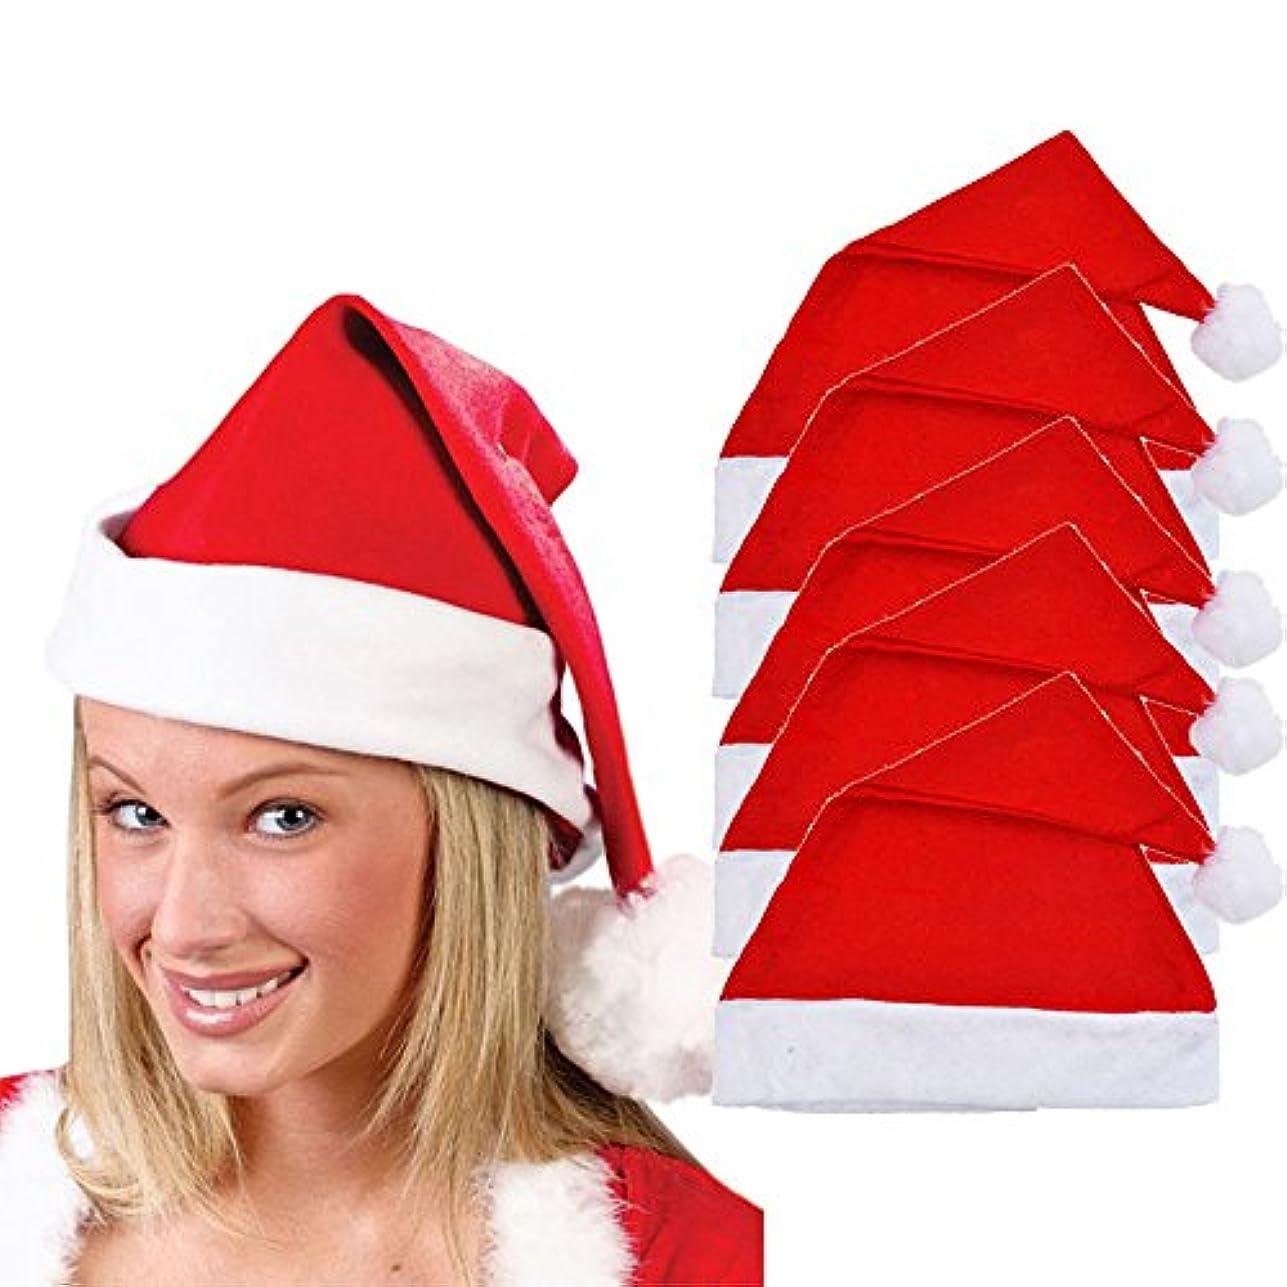 シャベルスペース情熱的Racazing クリスマスハット 5つの レッド Hat ライト ドームキャップ 防寒対策 通気性のある 防風 ニット帽 暖かい 軽量 屋外 スキー 自転車 クリスマス 男女兼用 Christmas Cap